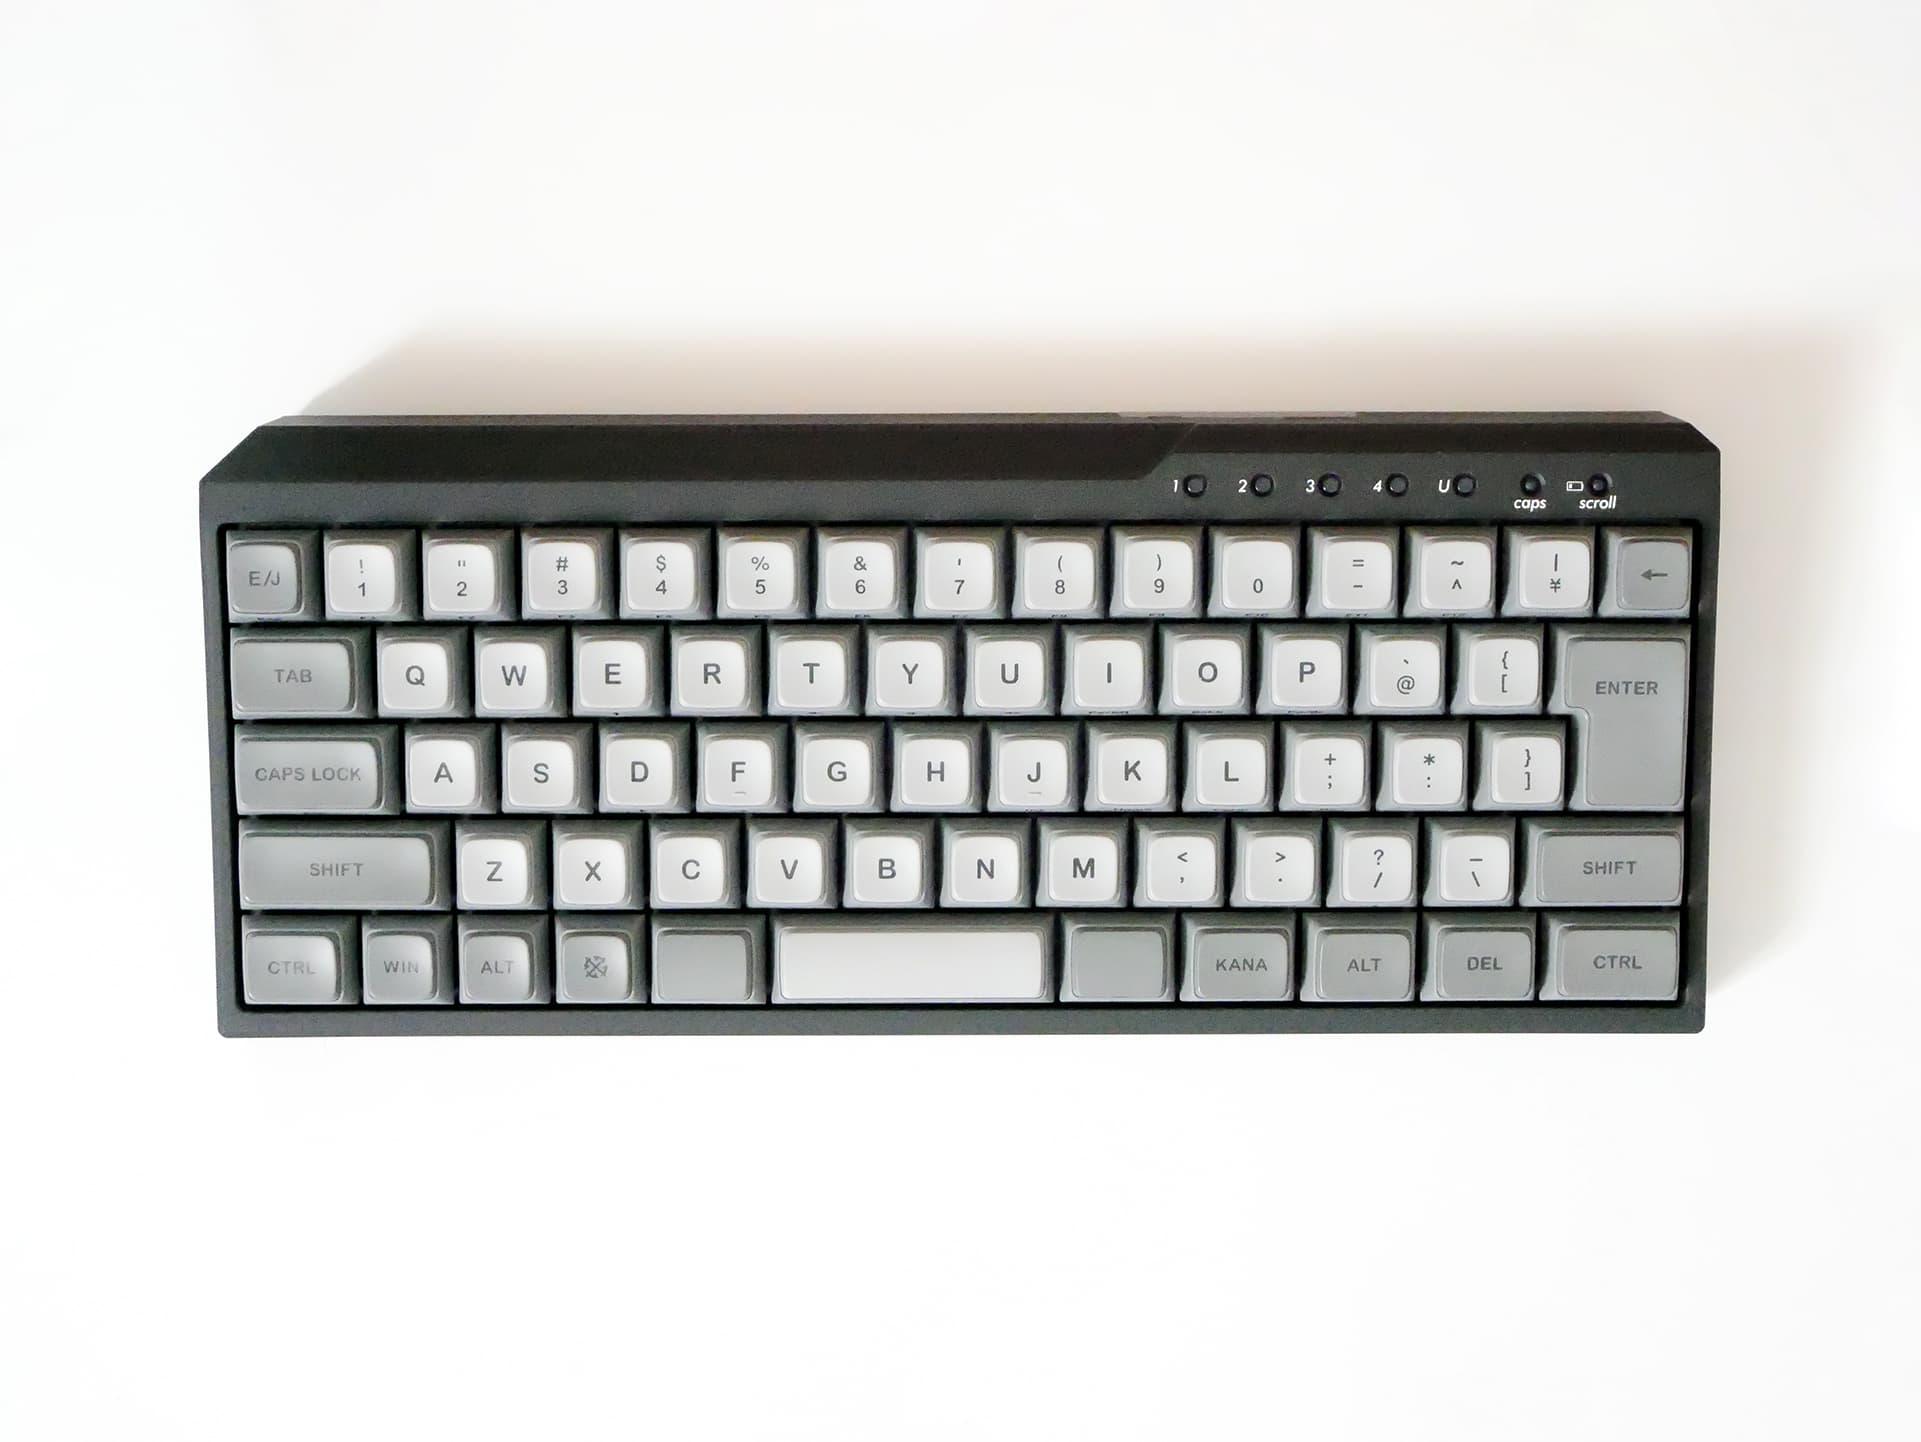 Majestouch MINILA-R Convertible キーボード本体